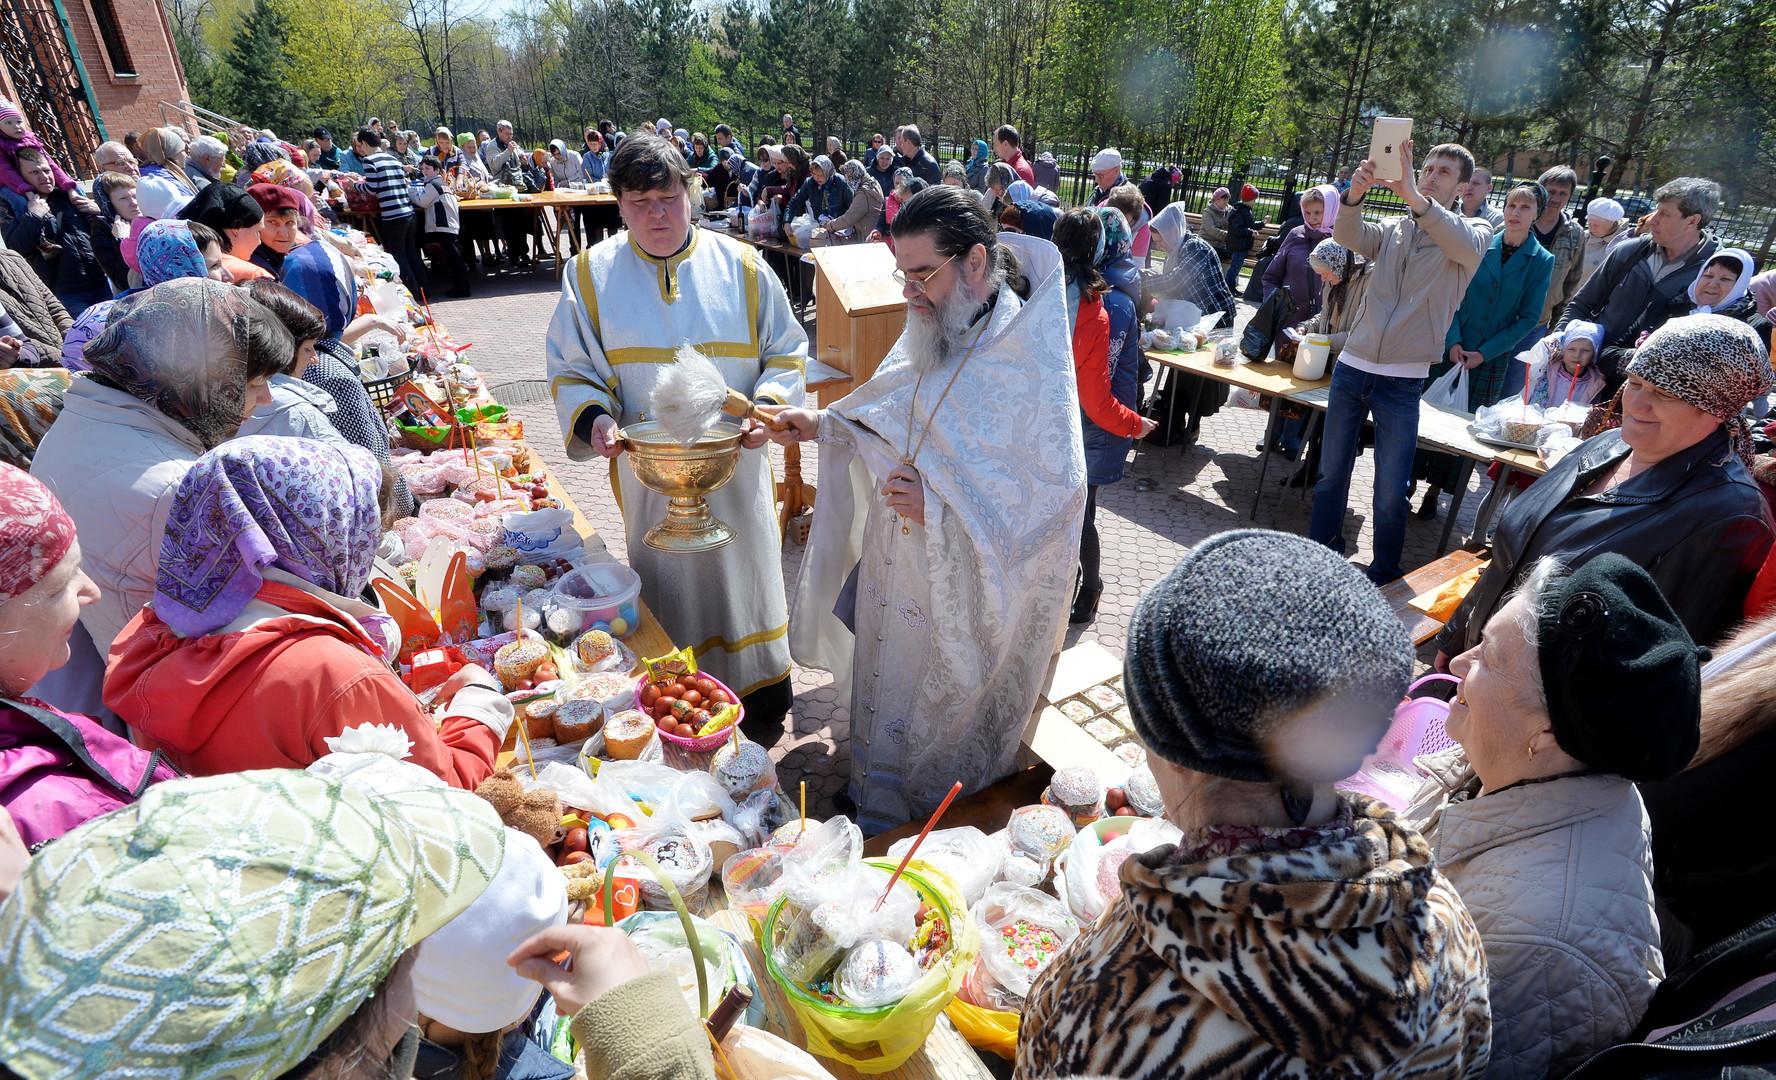 Освящение куличей и пасхальных яиц в Великую субботу в одном из храмов Челябинска.